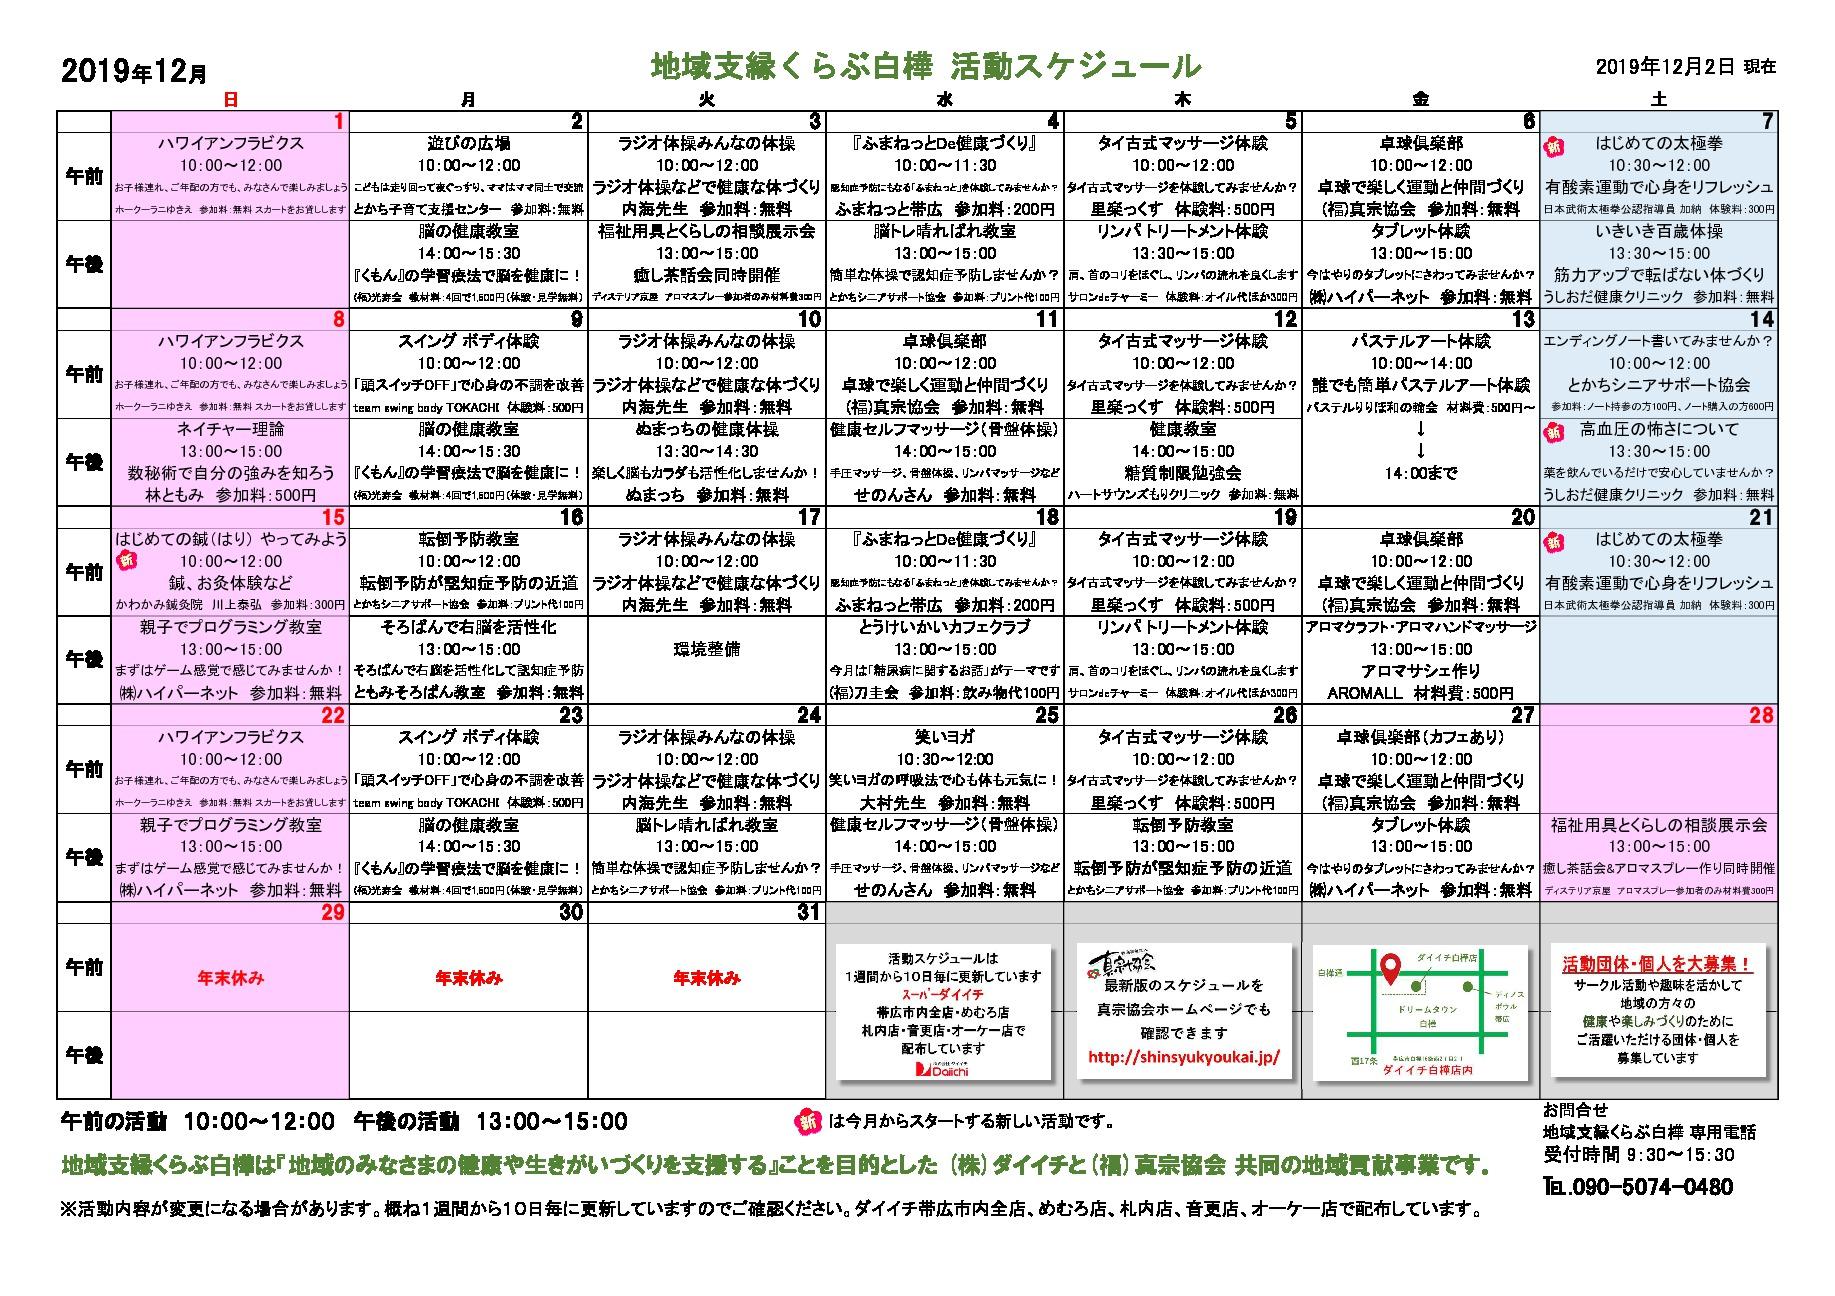 2019活動スケジュール12(2019.12.2付)のサムネイル